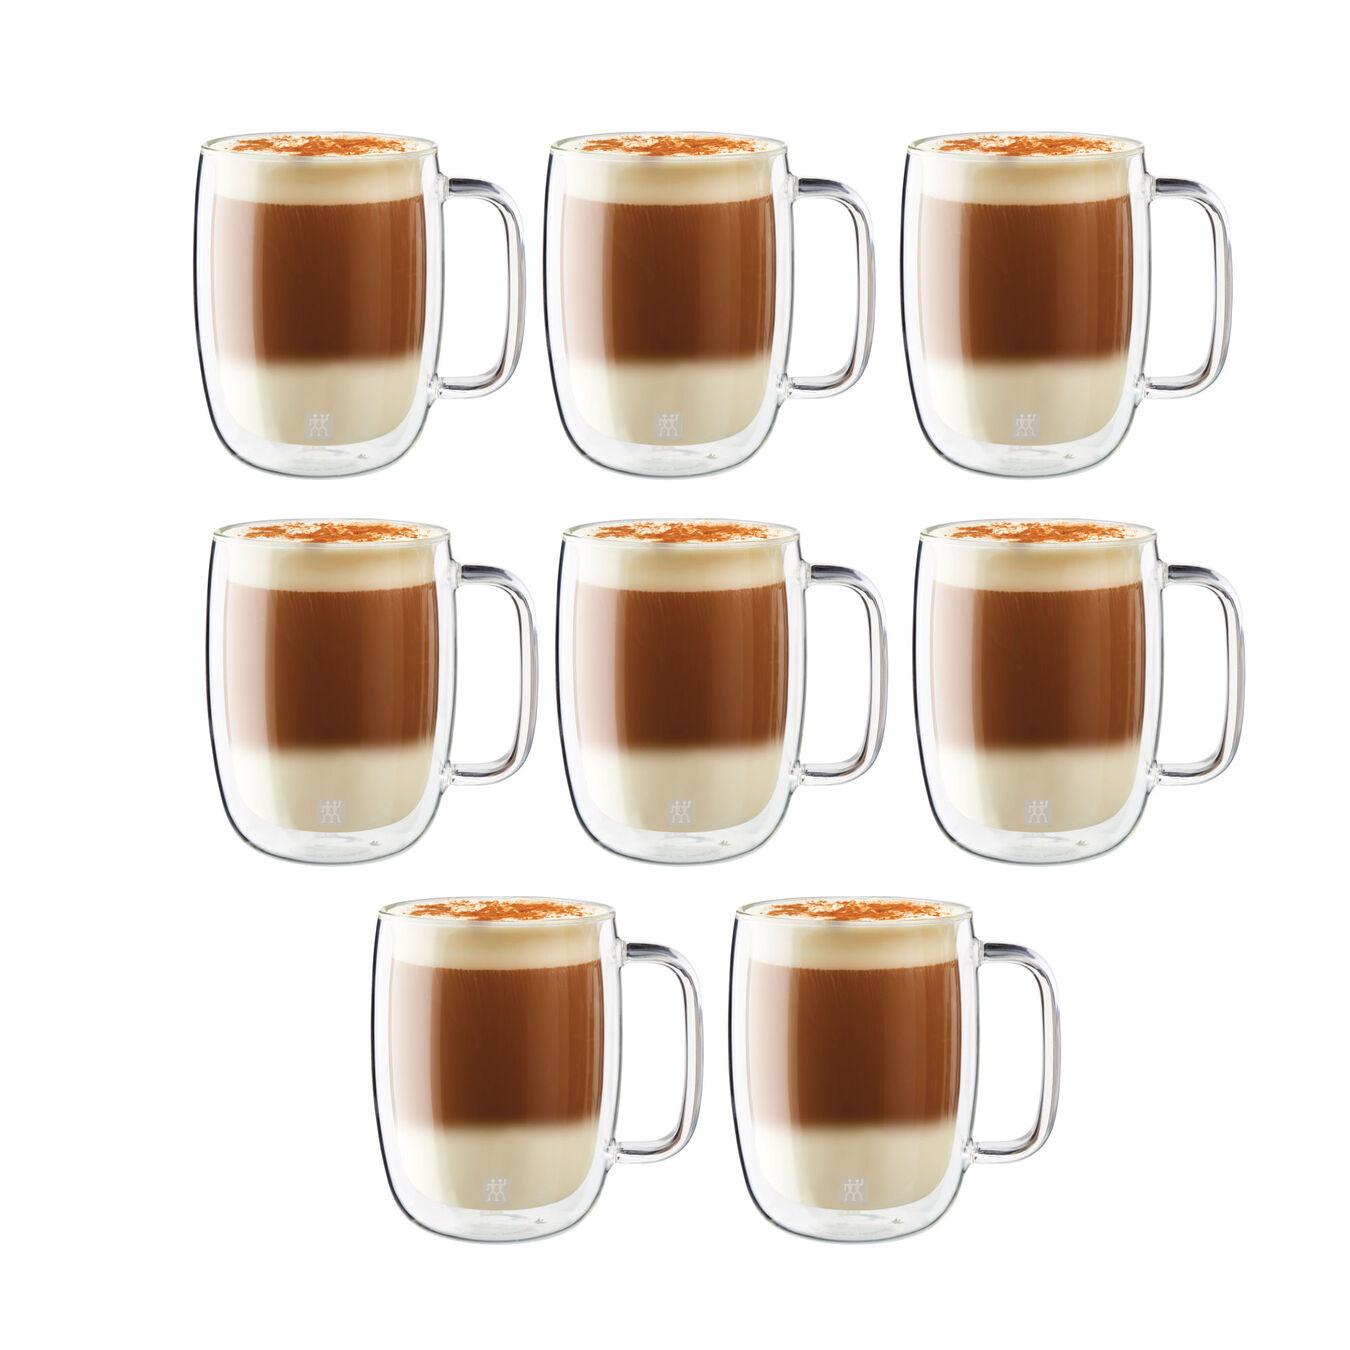 8 Piece Latte Mug Set - Value Pack,,large 2